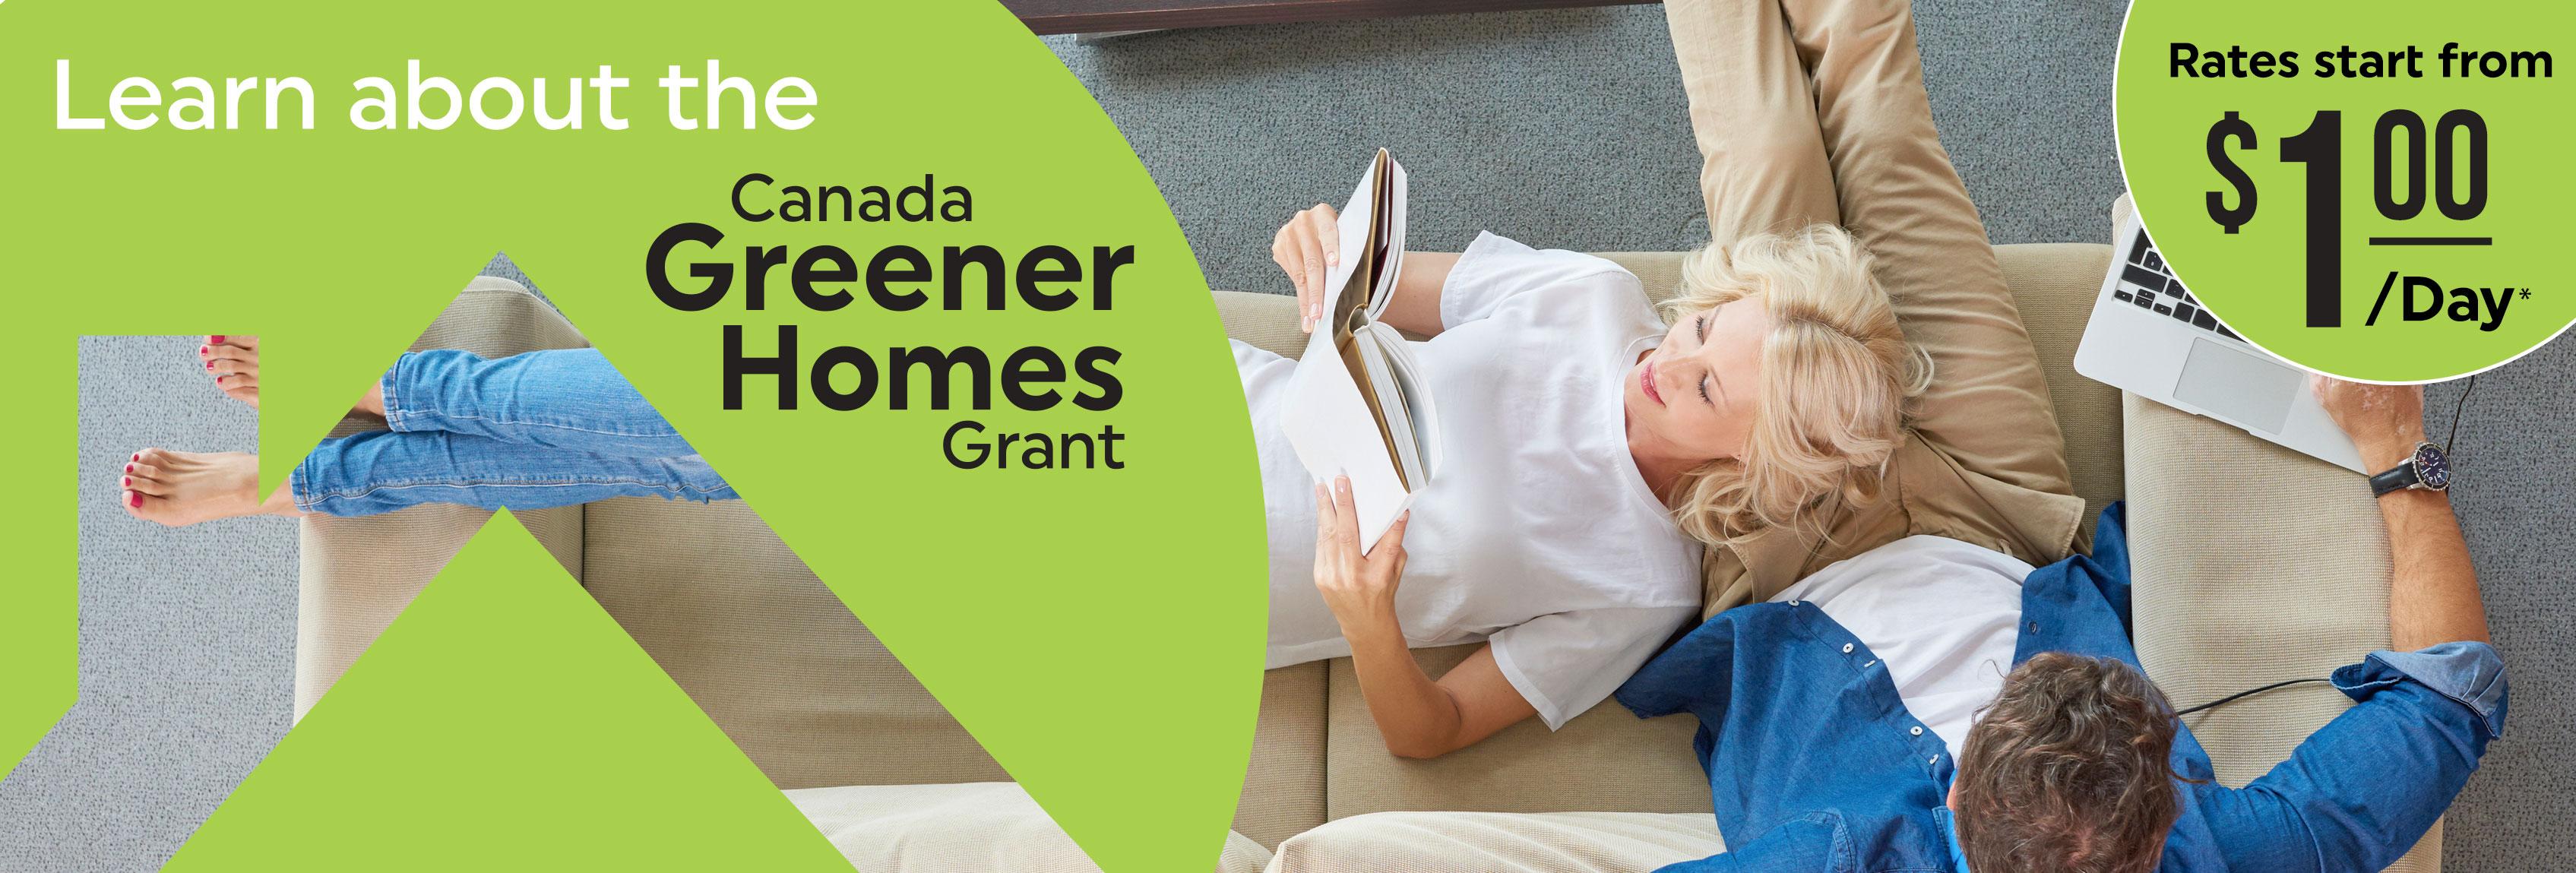 1Click Canada Greener Homes Grant Banner 3